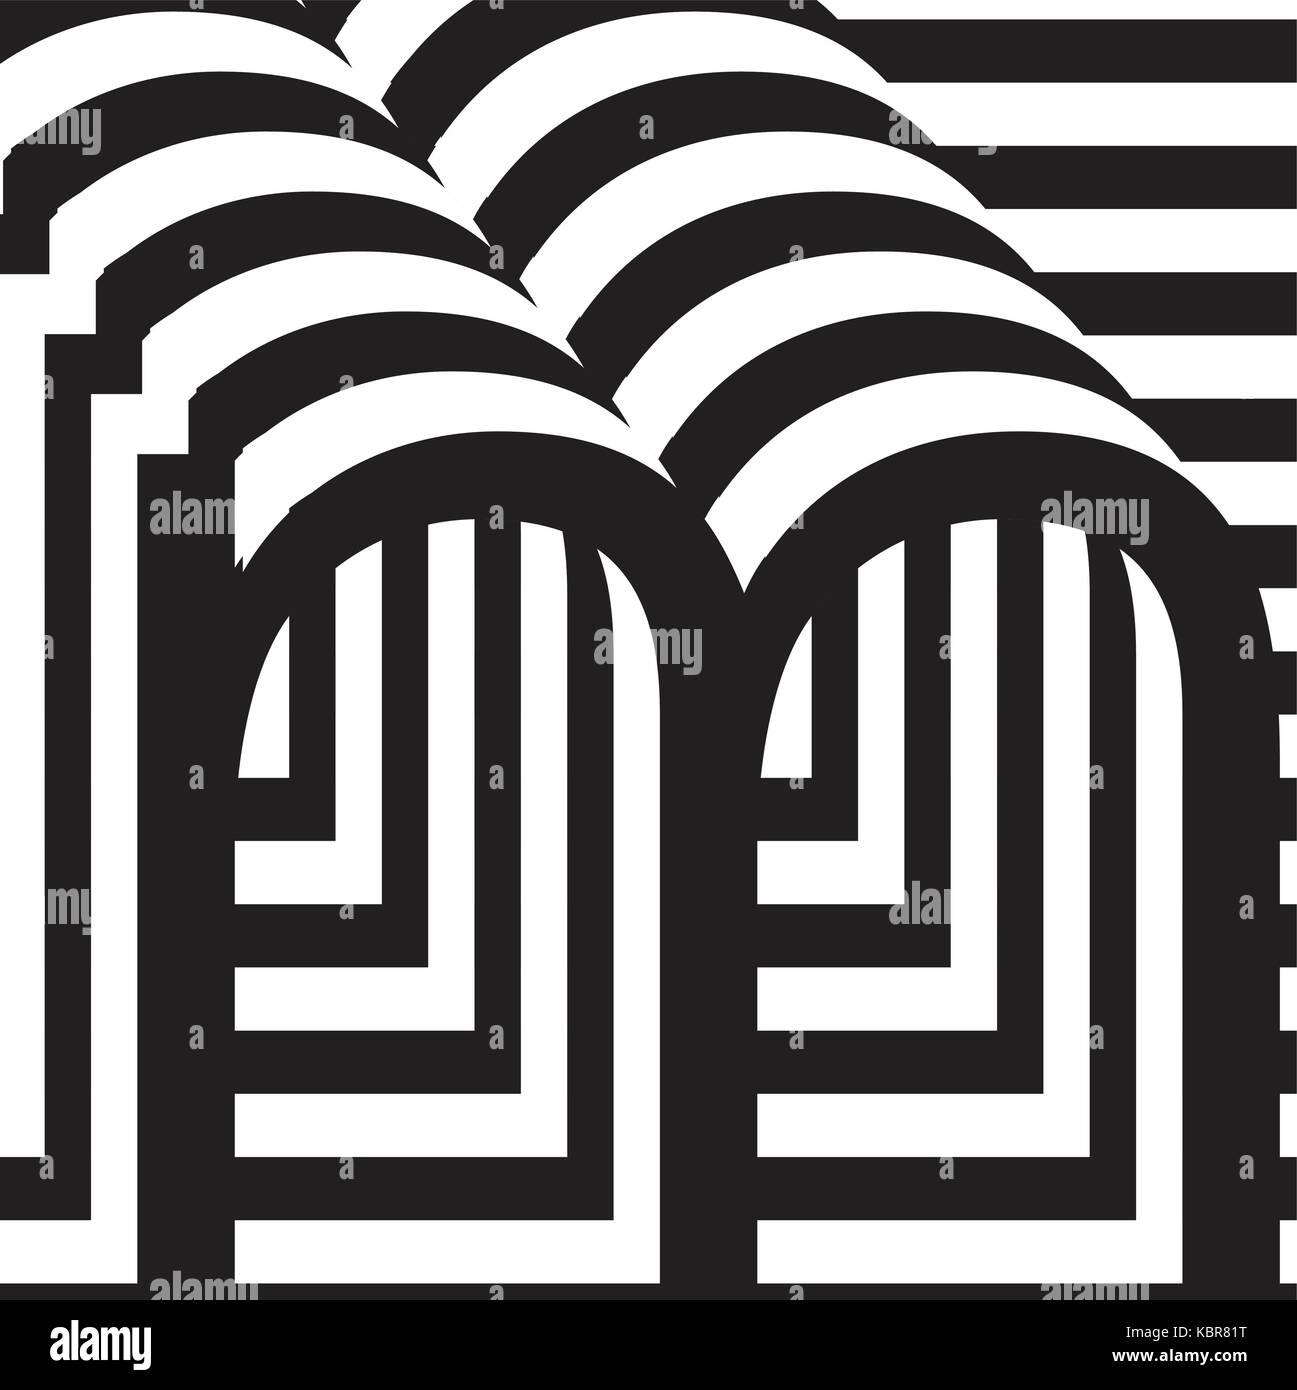 46abf946bfde Letra m en blanco y negro de la plantilla de diseño ilustración vectorial